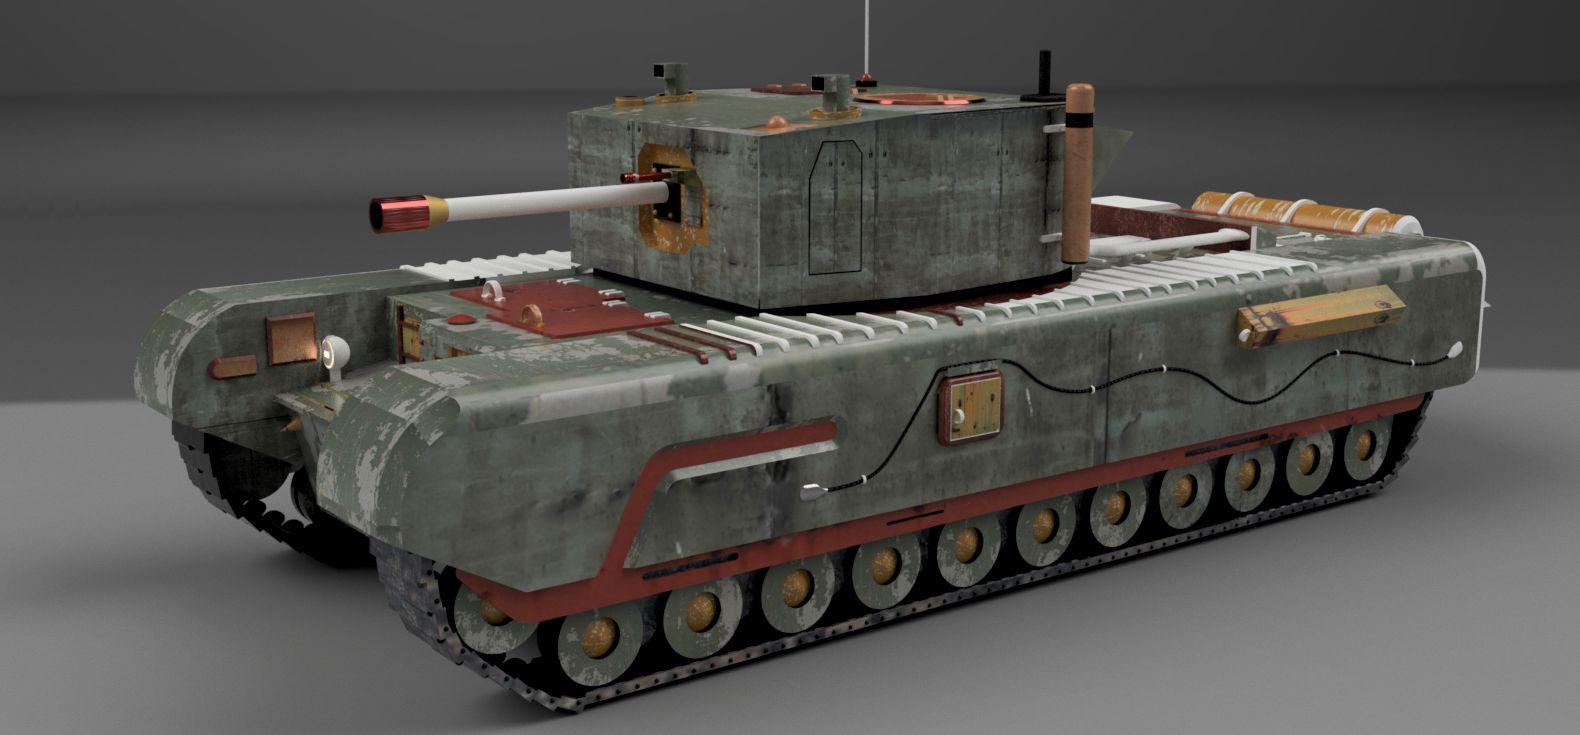 Churchill-3500-3500